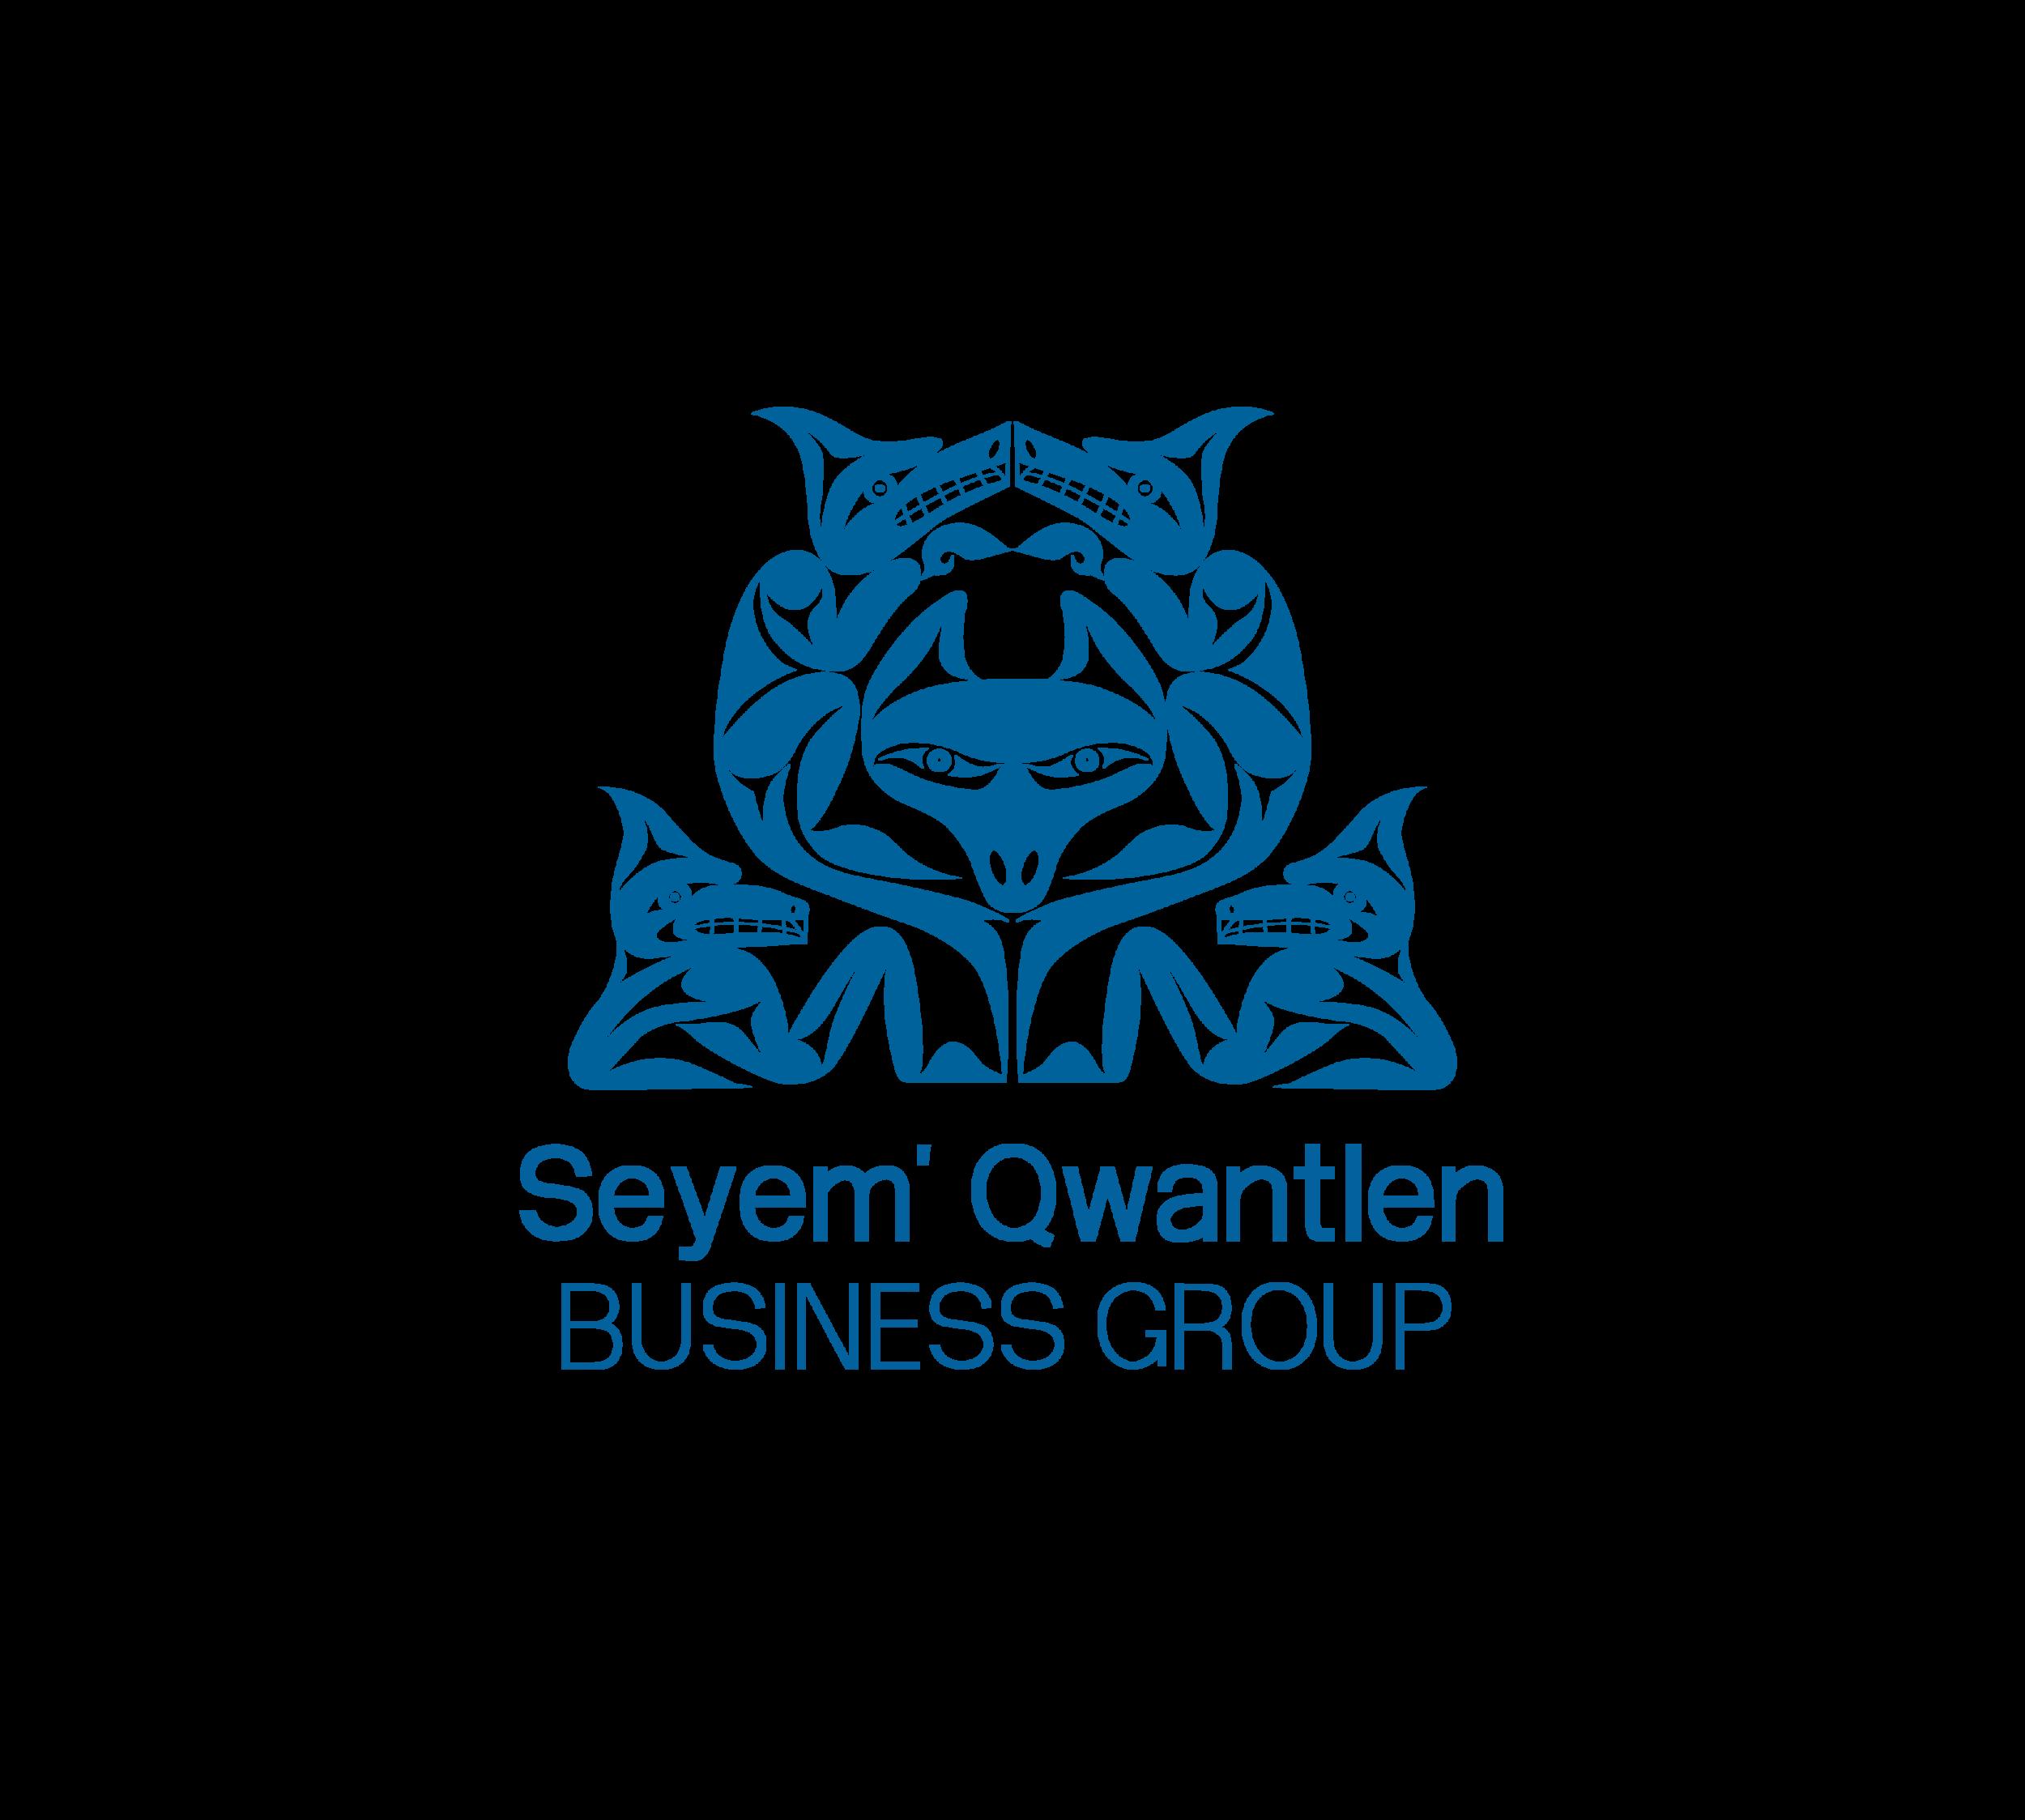 Artboard 1SQBG logo web.png